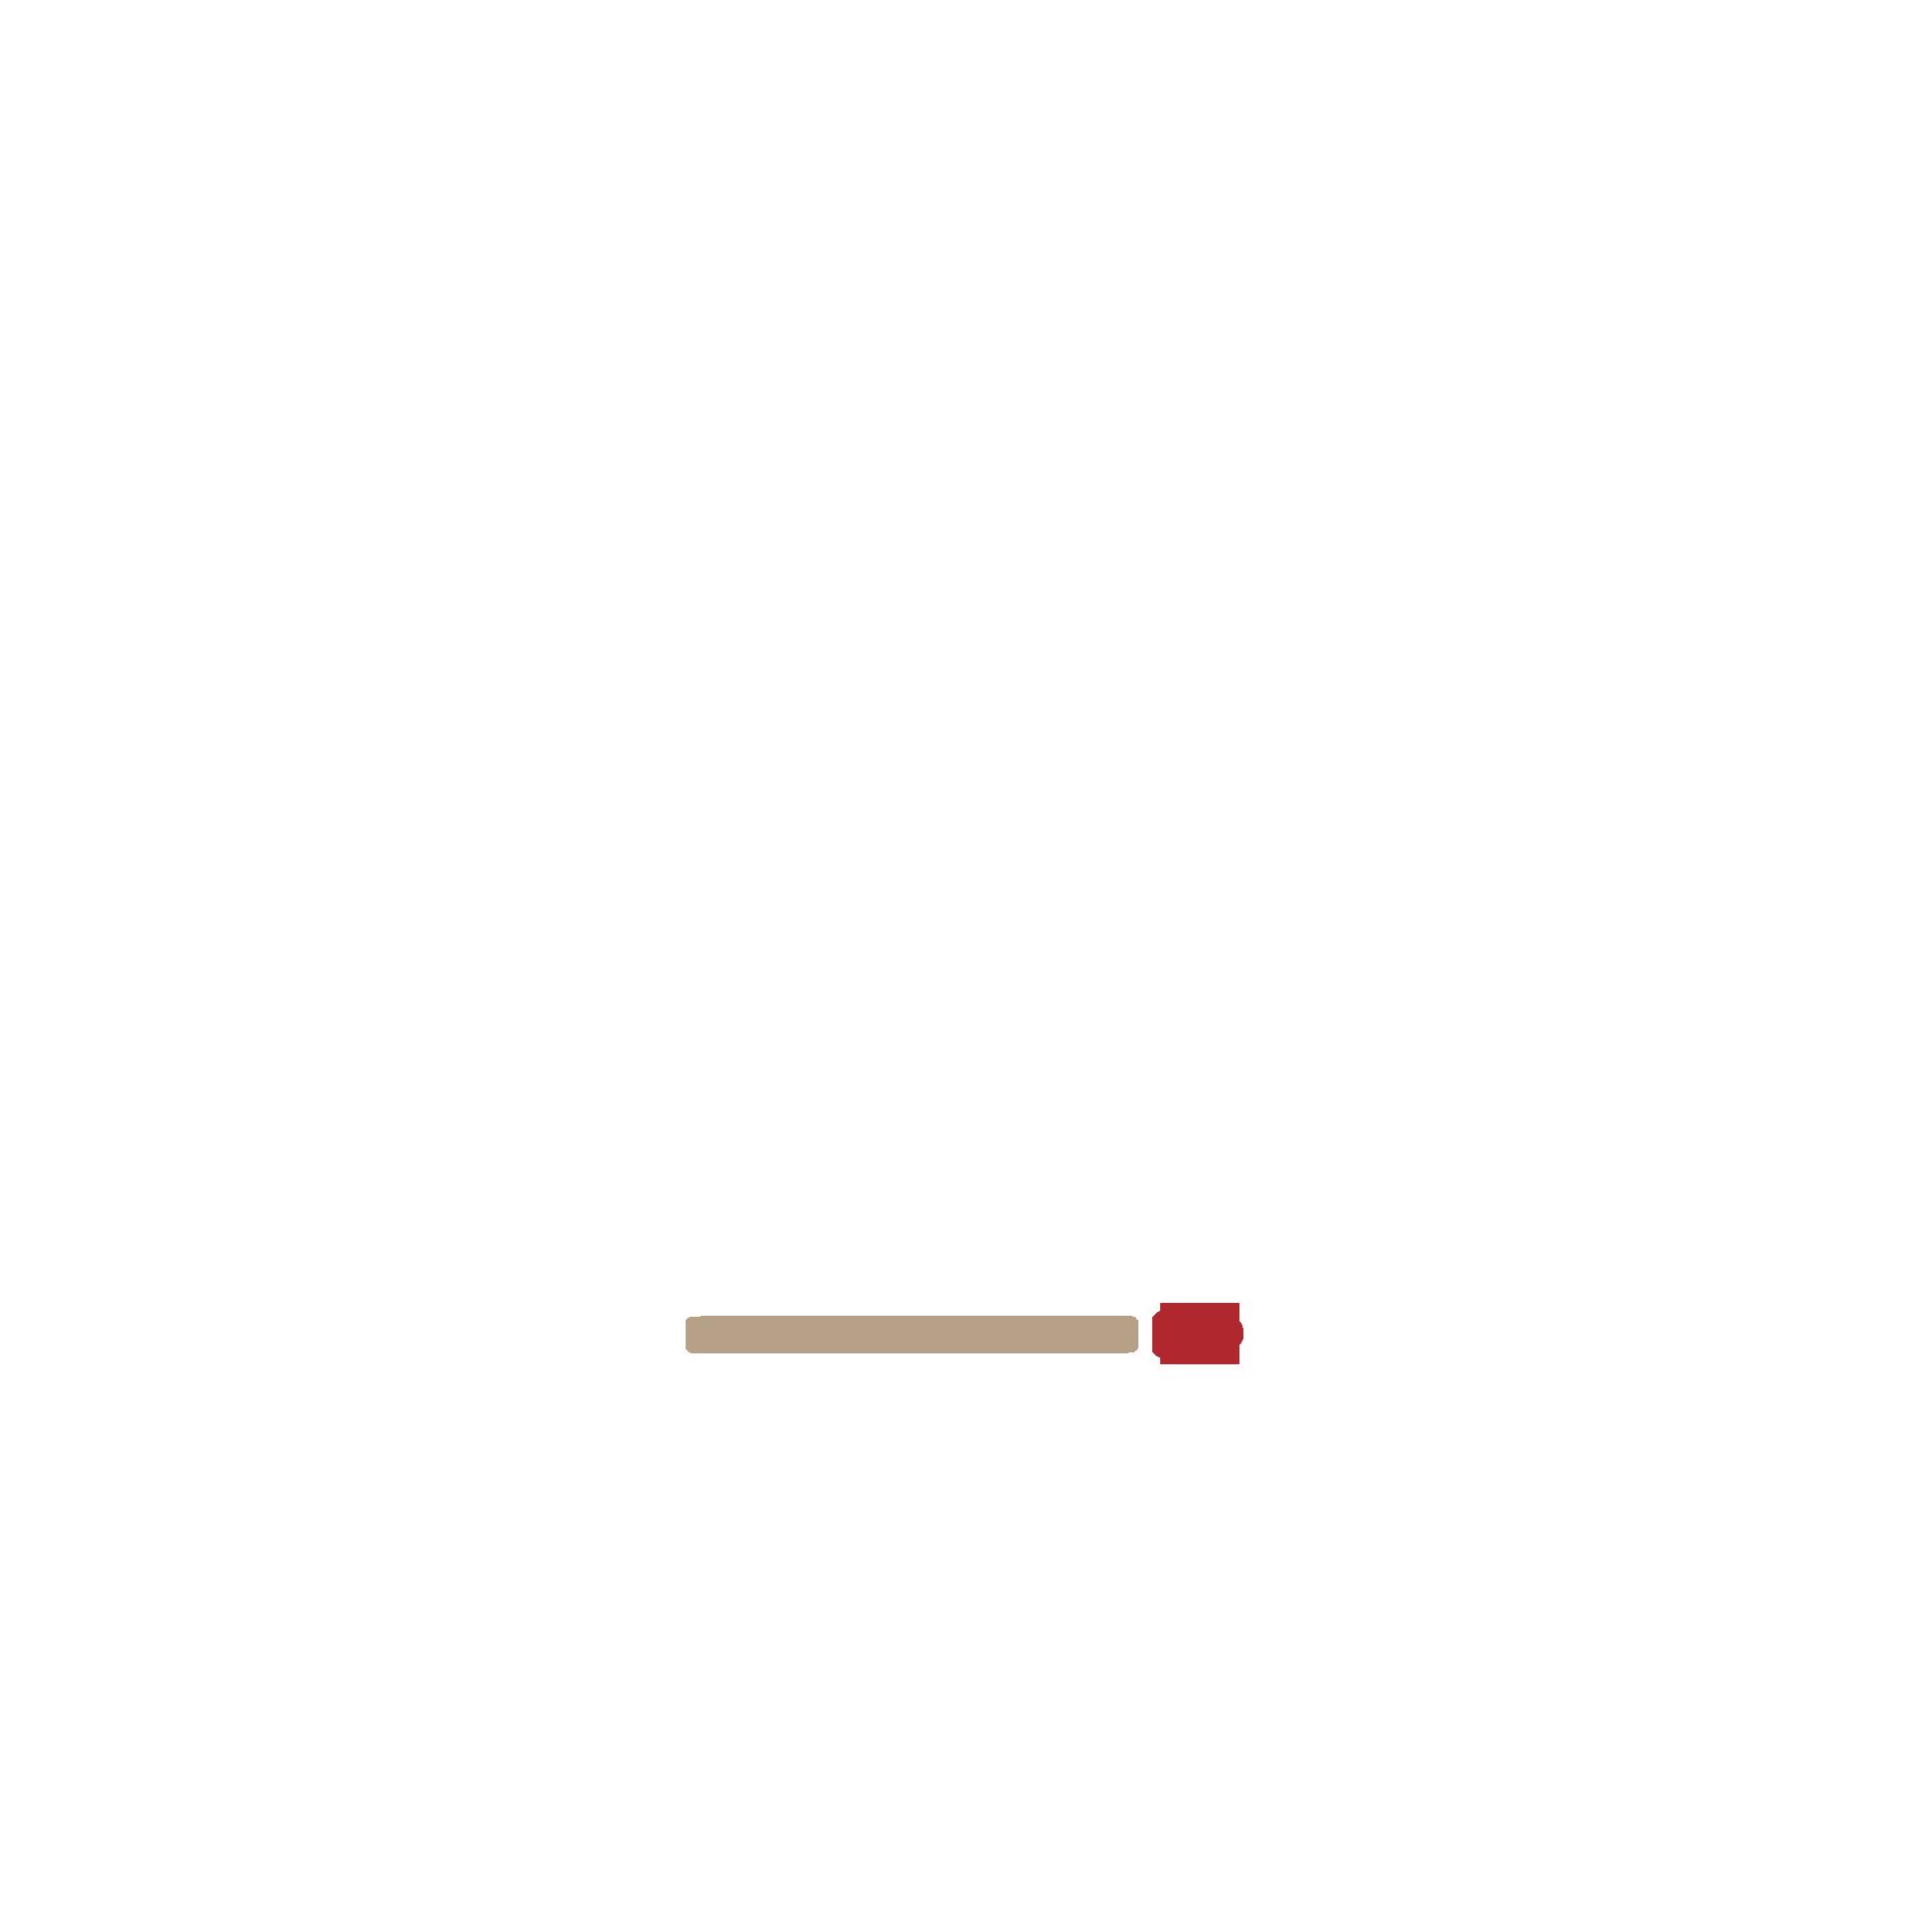 metal_match_alt_wht_color.png